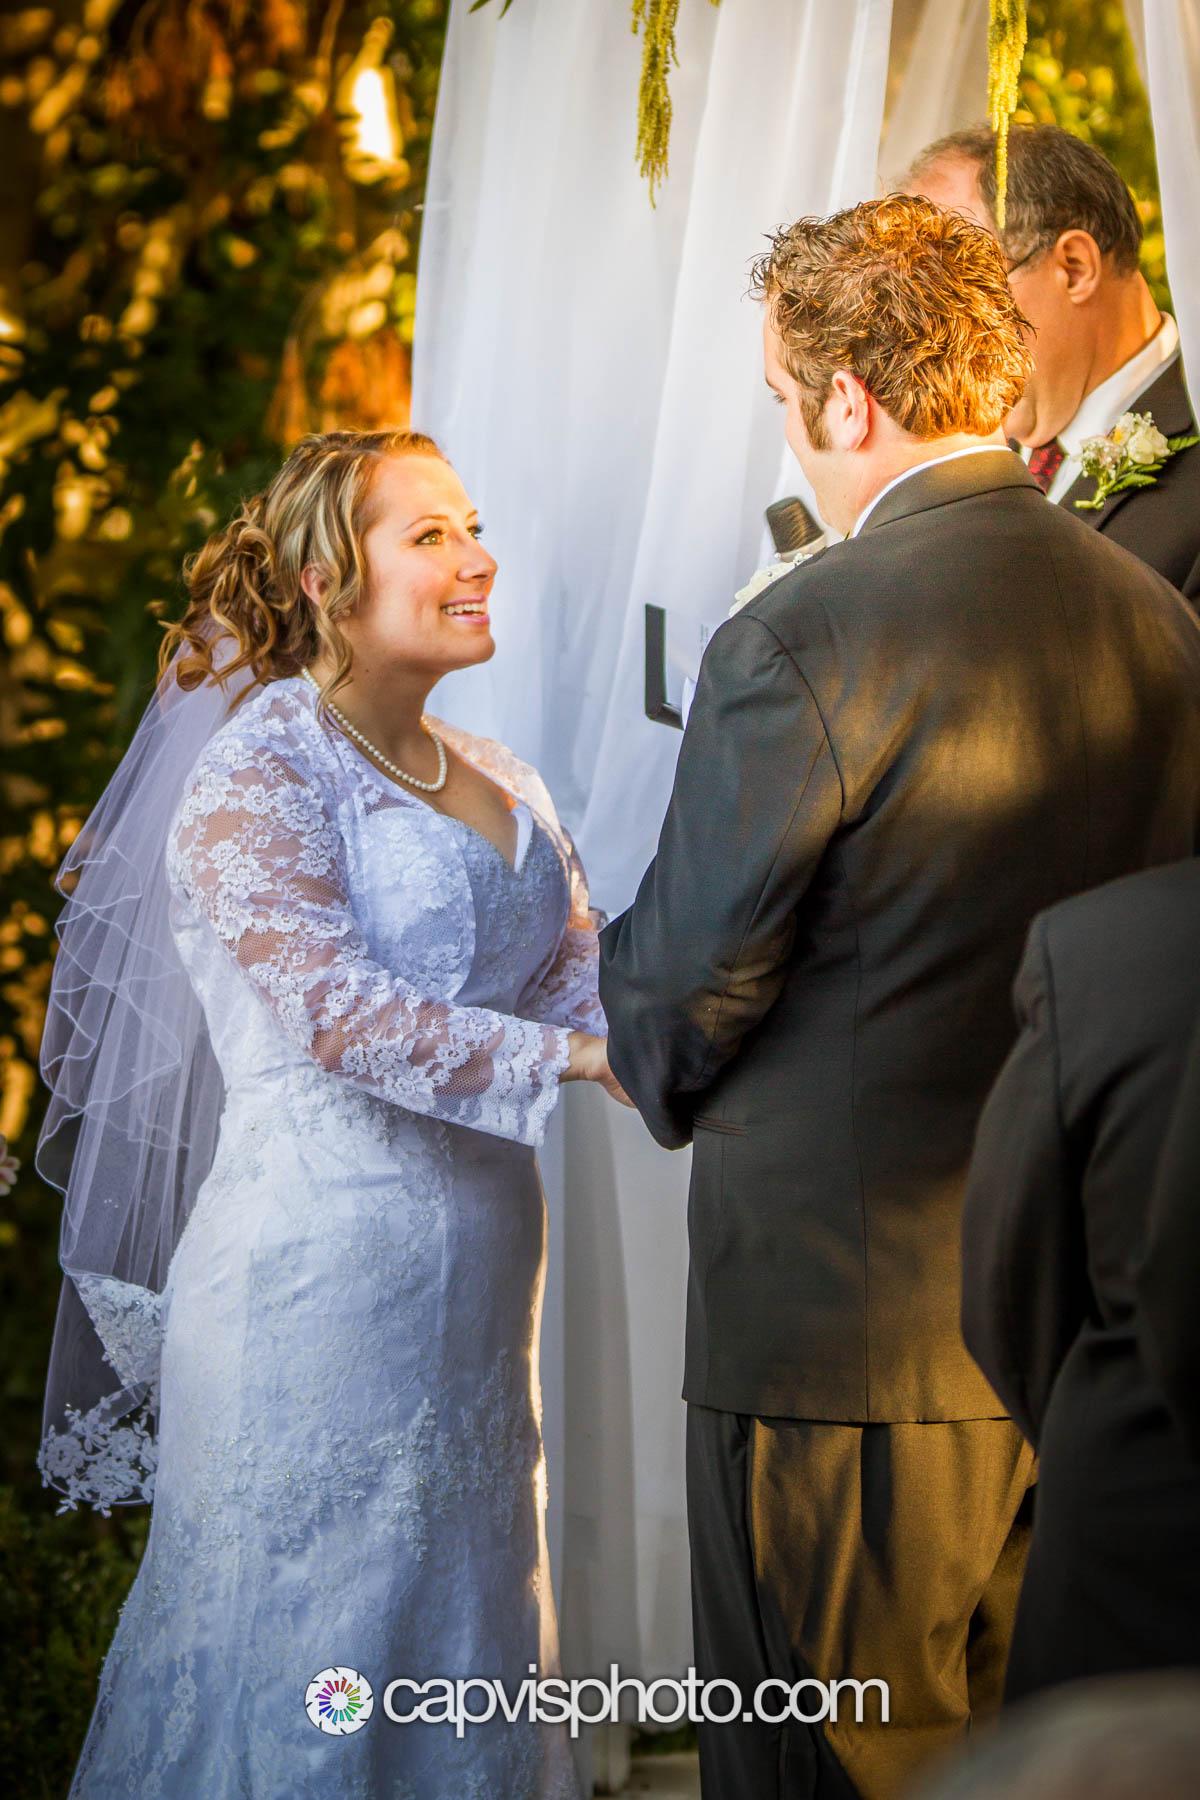 Grangruth Wedding (18 of 52).jpg